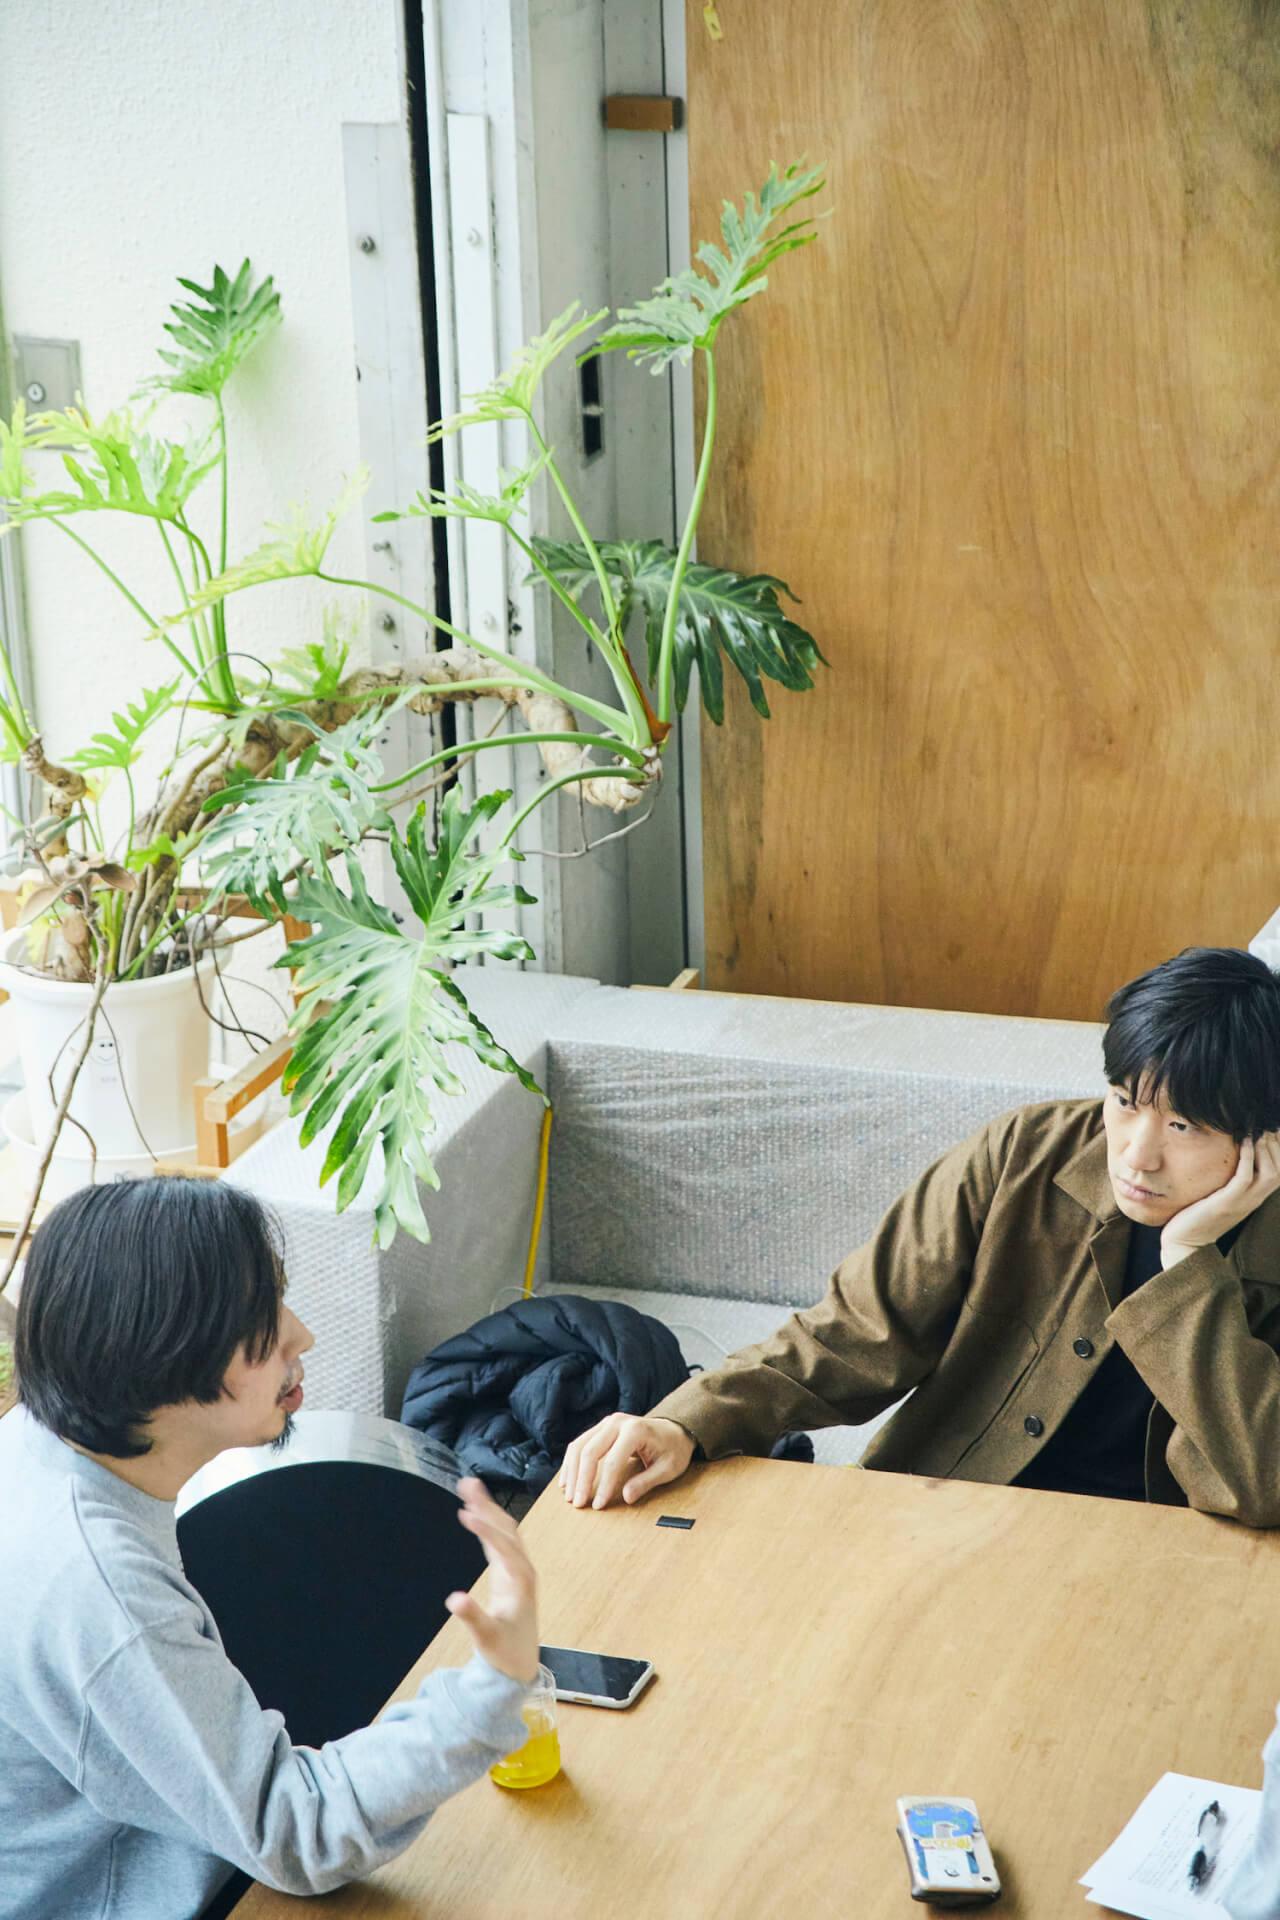 映像作家・河合宏樹 × 音楽家・蓮沼執太|『True Colors FASHION』で「当事者」と向き合った先にある気づき interview210625_shuta-hasunuma_hiroki-kawai-re-5